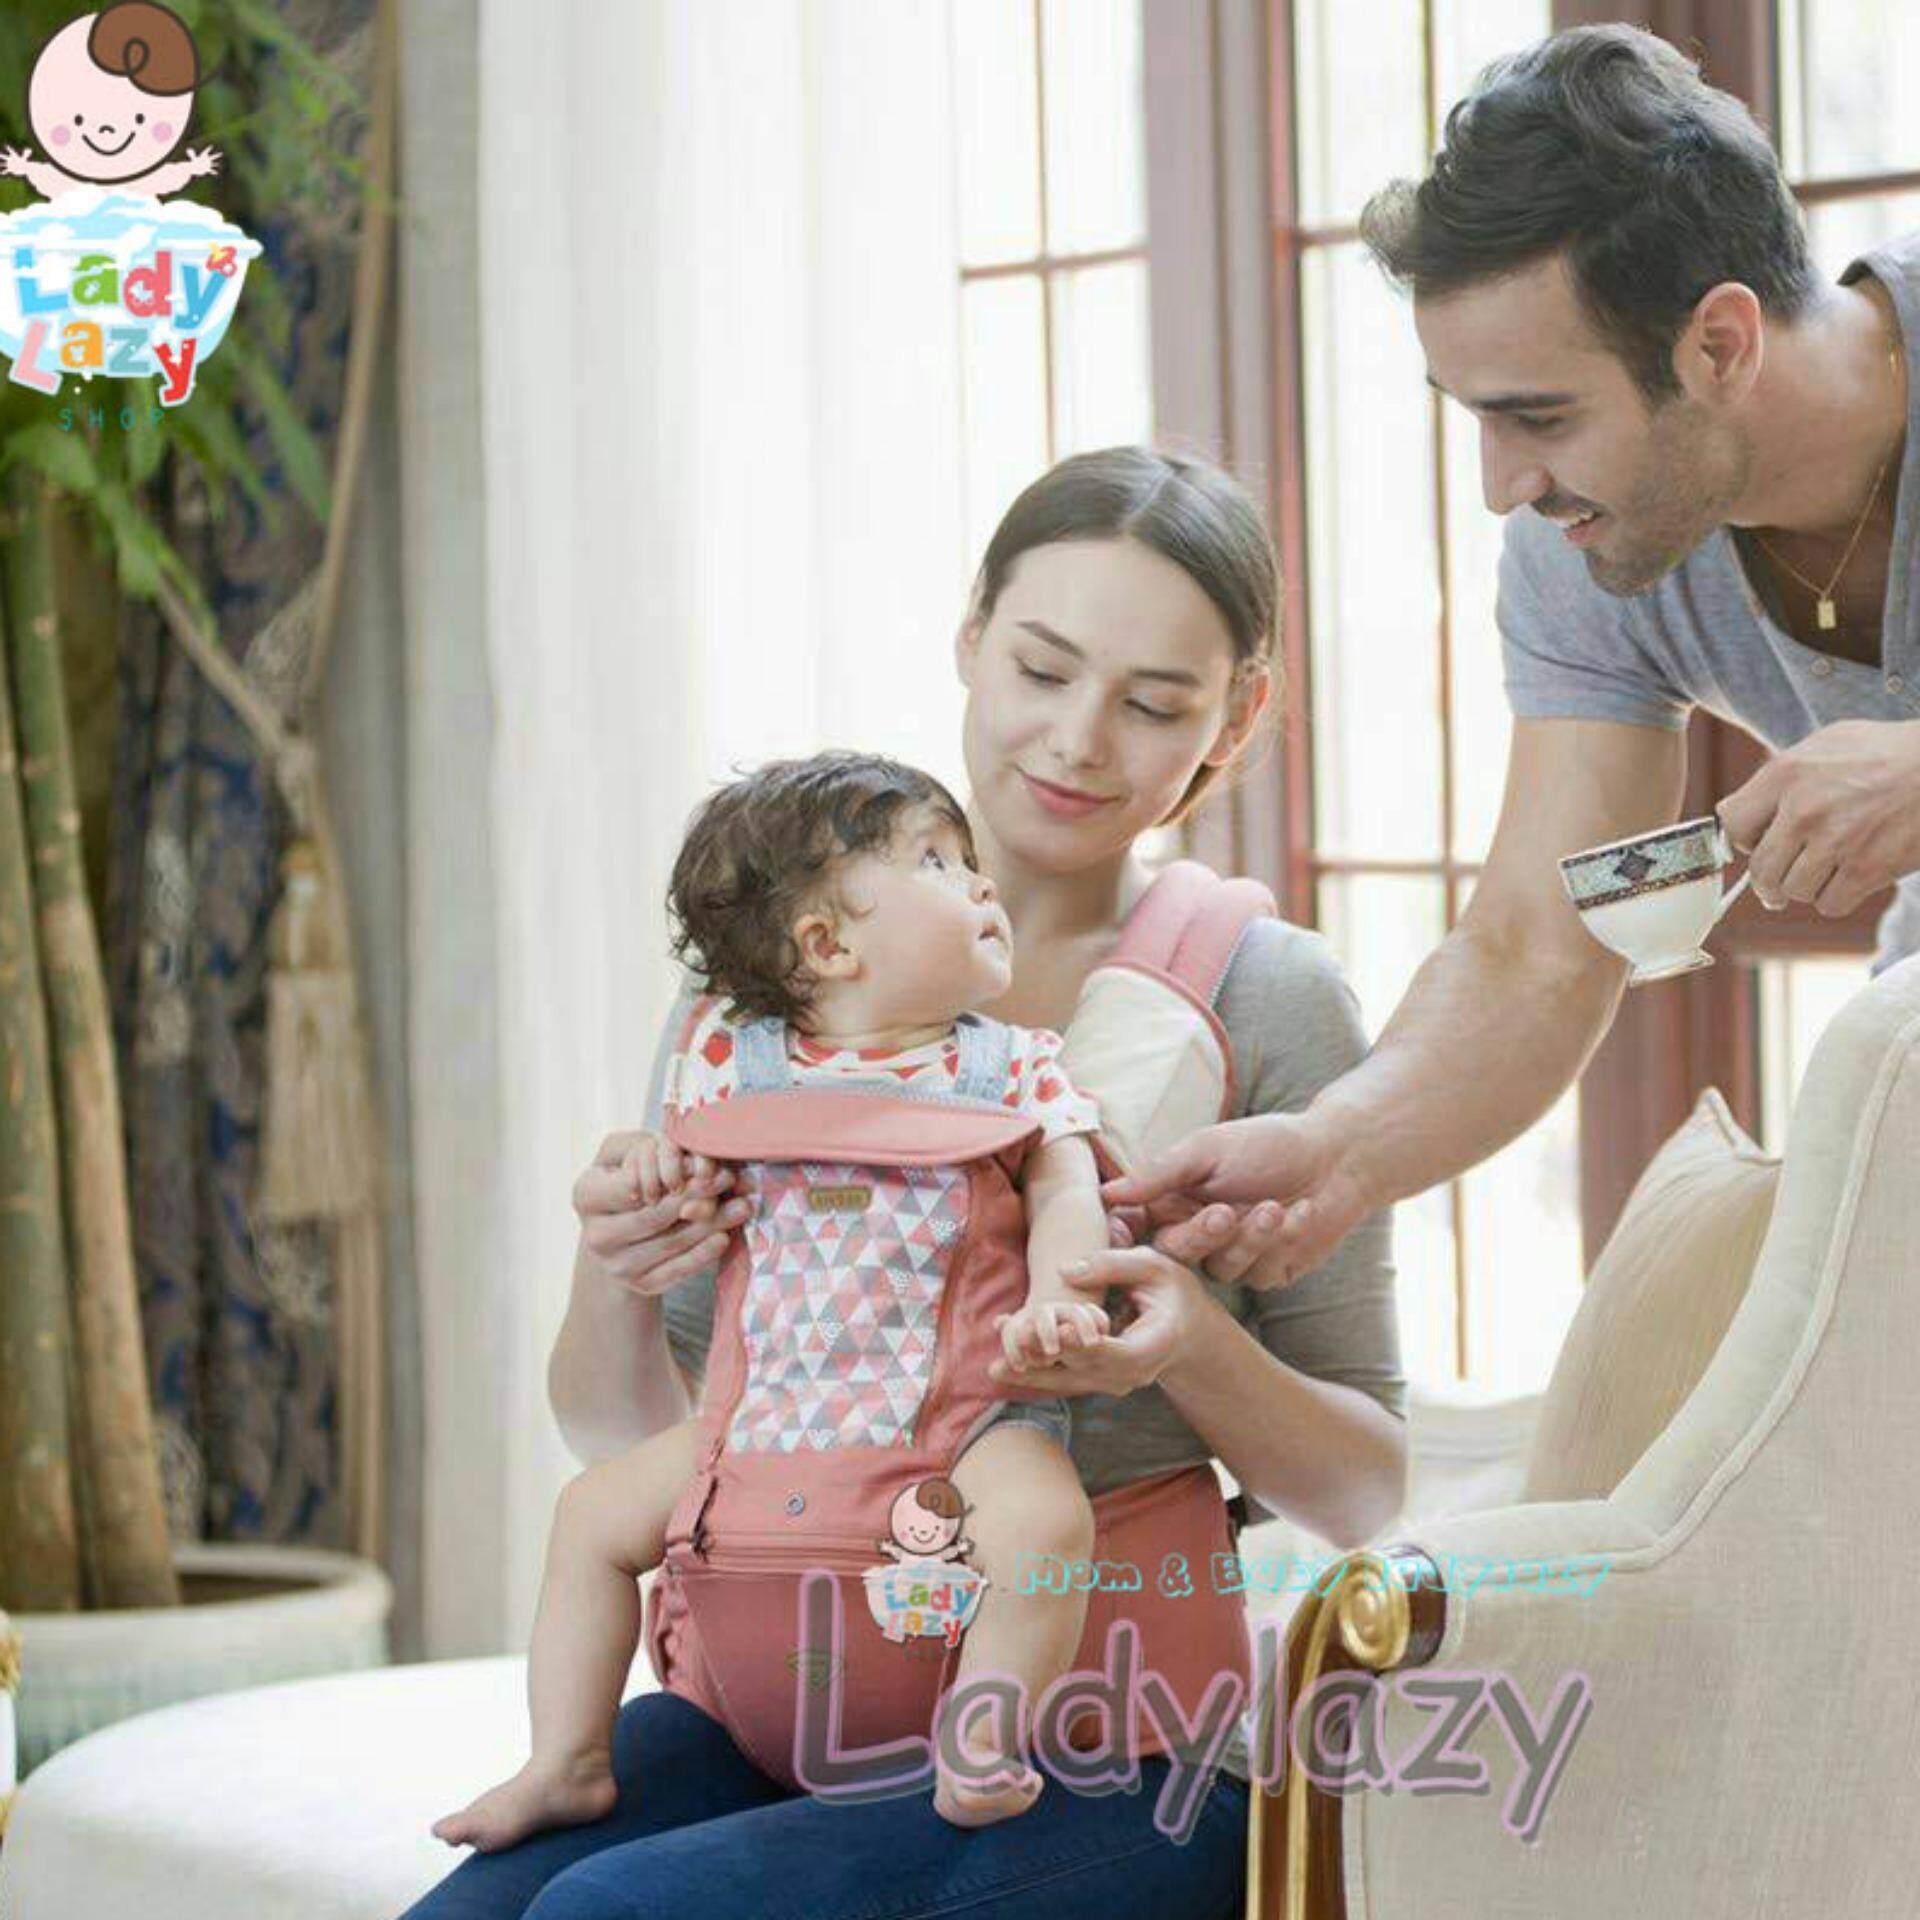 รีวิว ladylazyเป้อุ้มเด็ก(aiebao) Hip seat 2 in1 พาสเทล(Pastel) สีชมพู